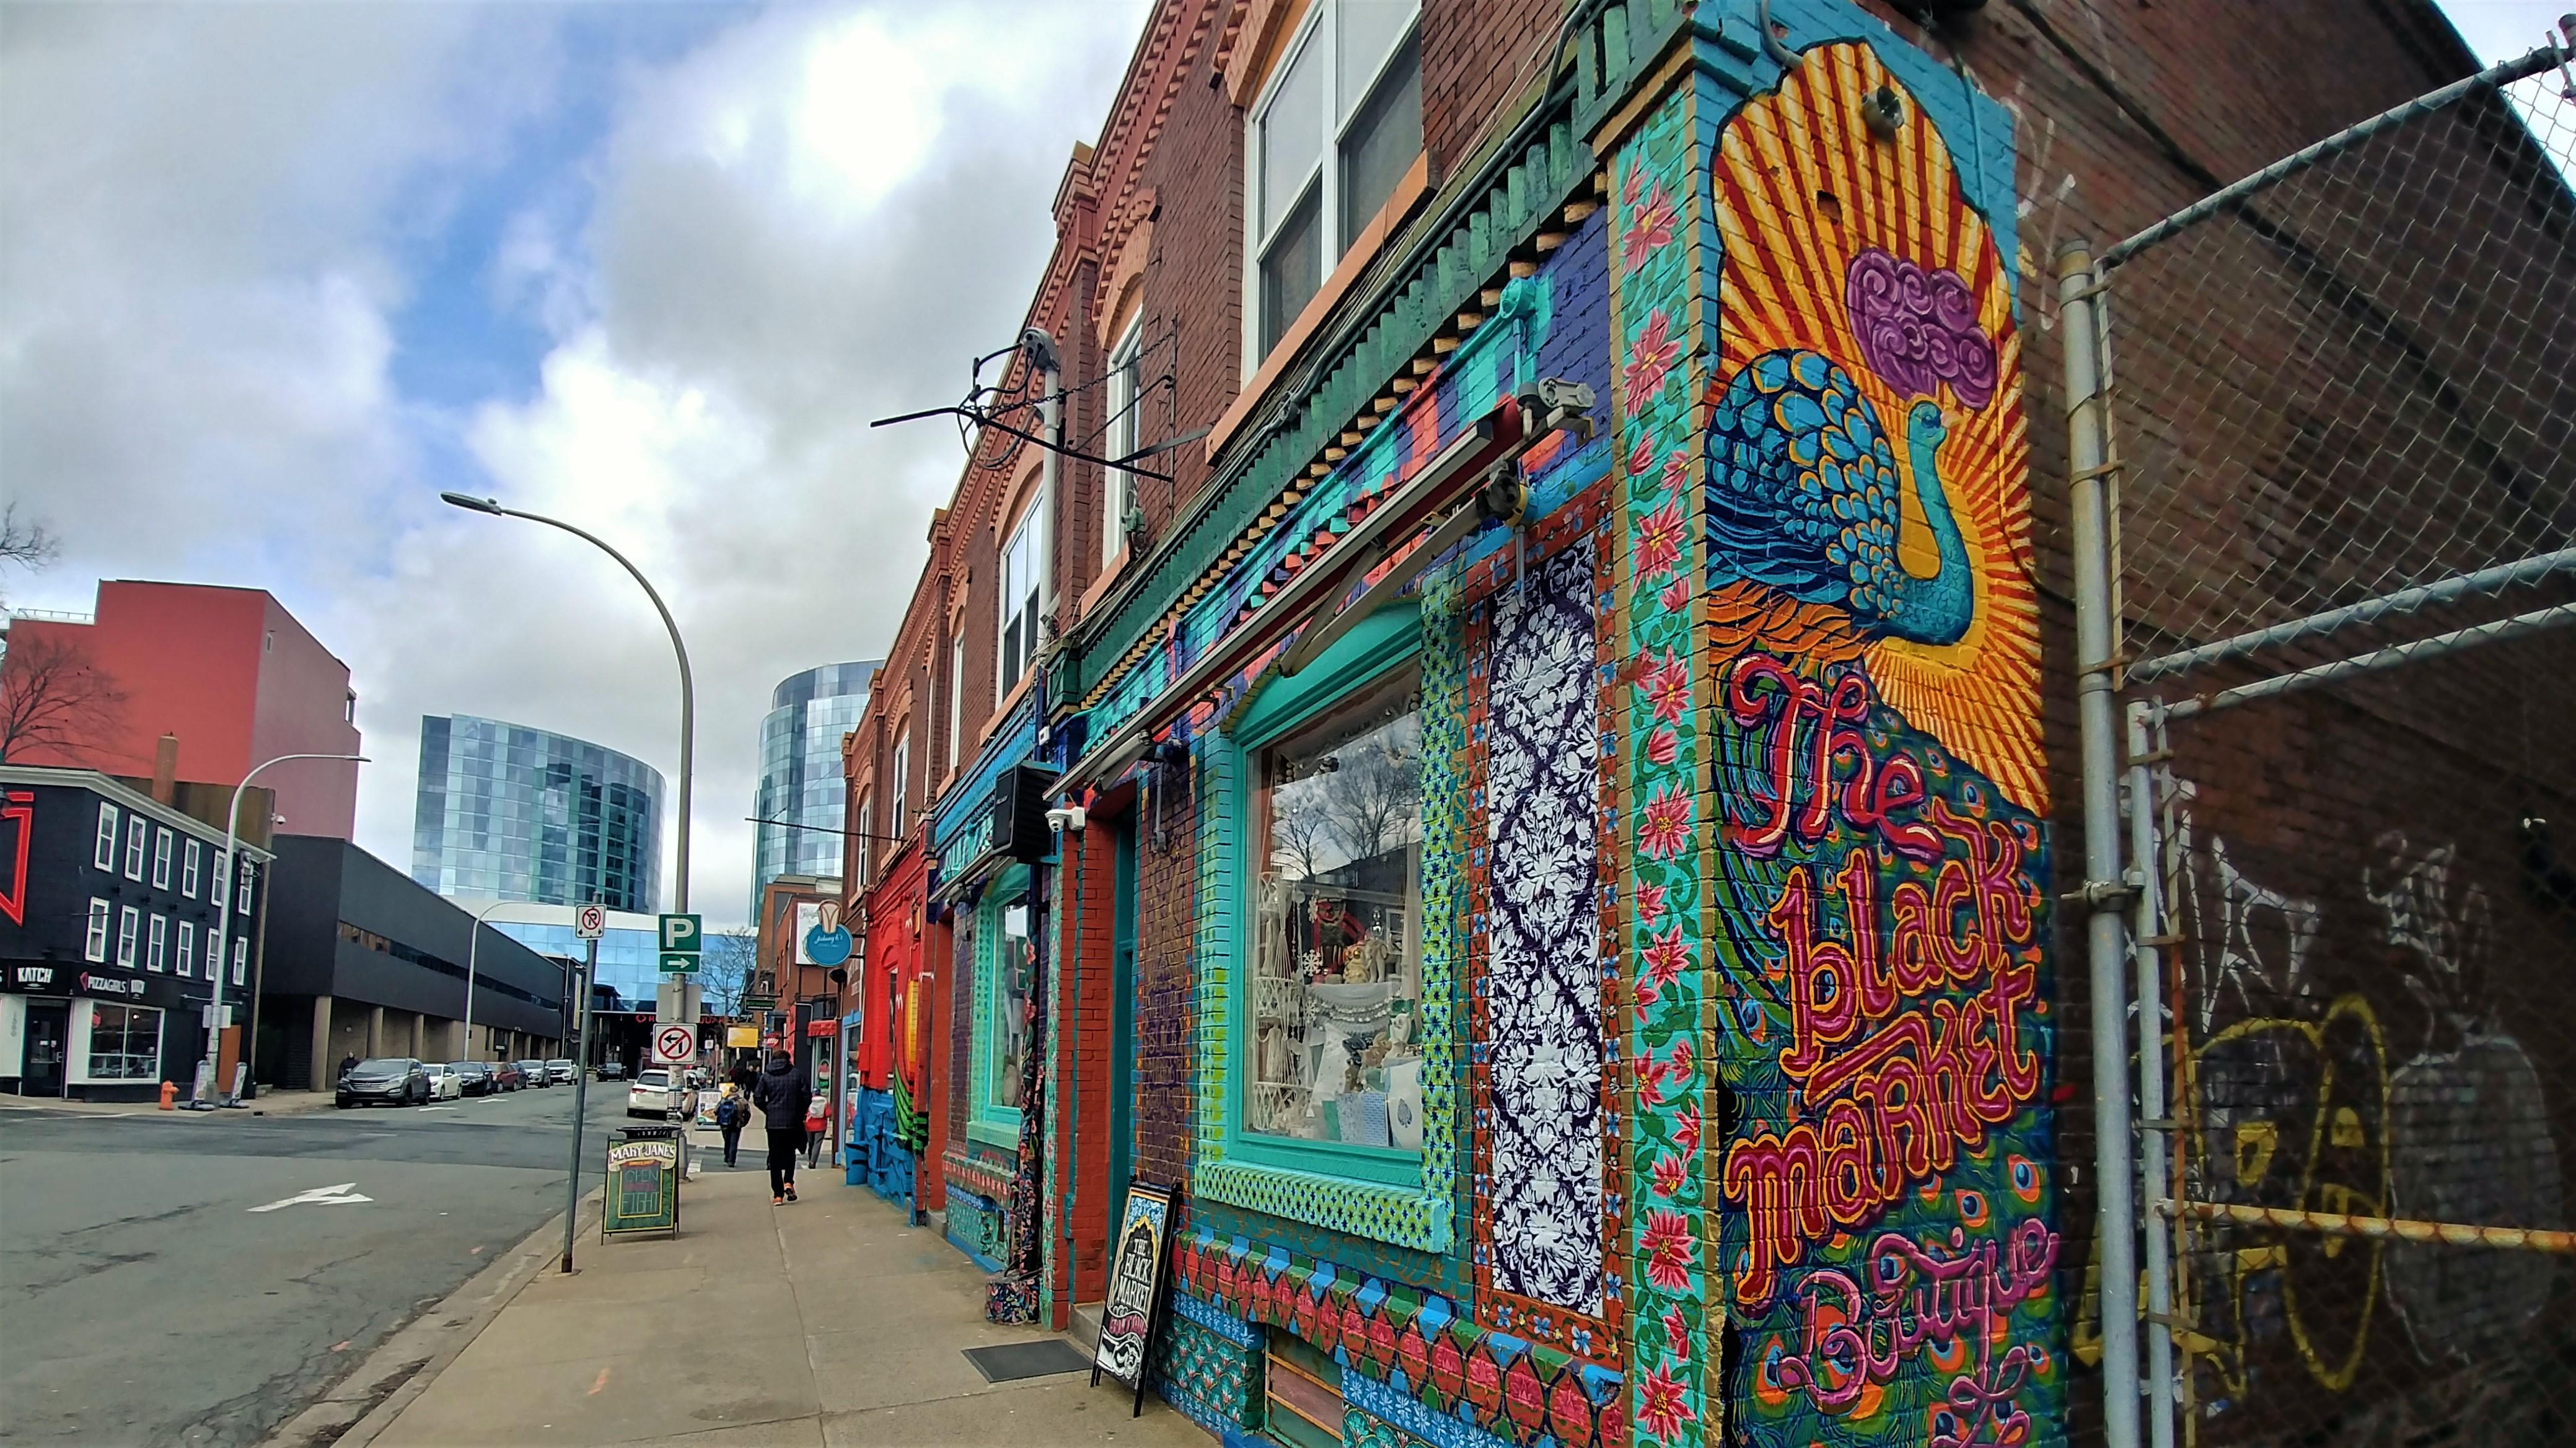 Halifax street art centre-ville que faire nouvelle-ecosse blog voyage arpenter le chemin